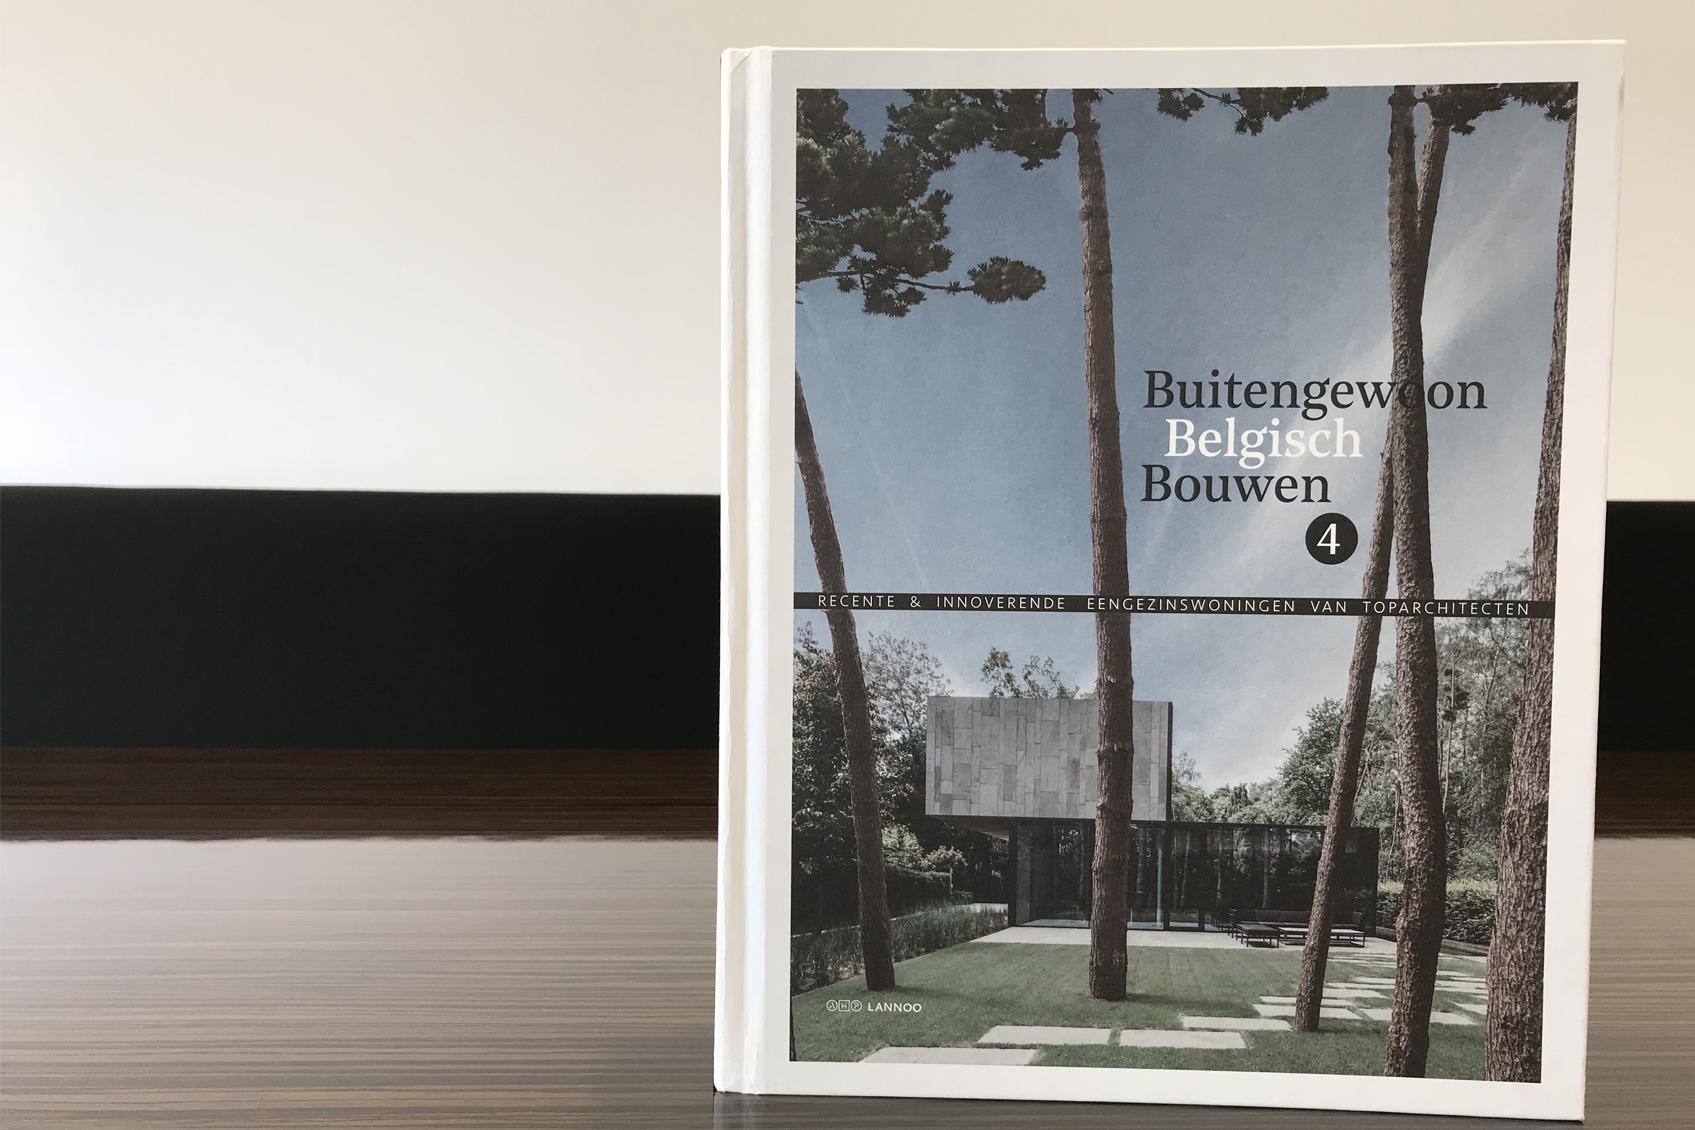 Realisaties van architectuurprojecten Lichthuis in Buitengewoon Belgisch Bouwen